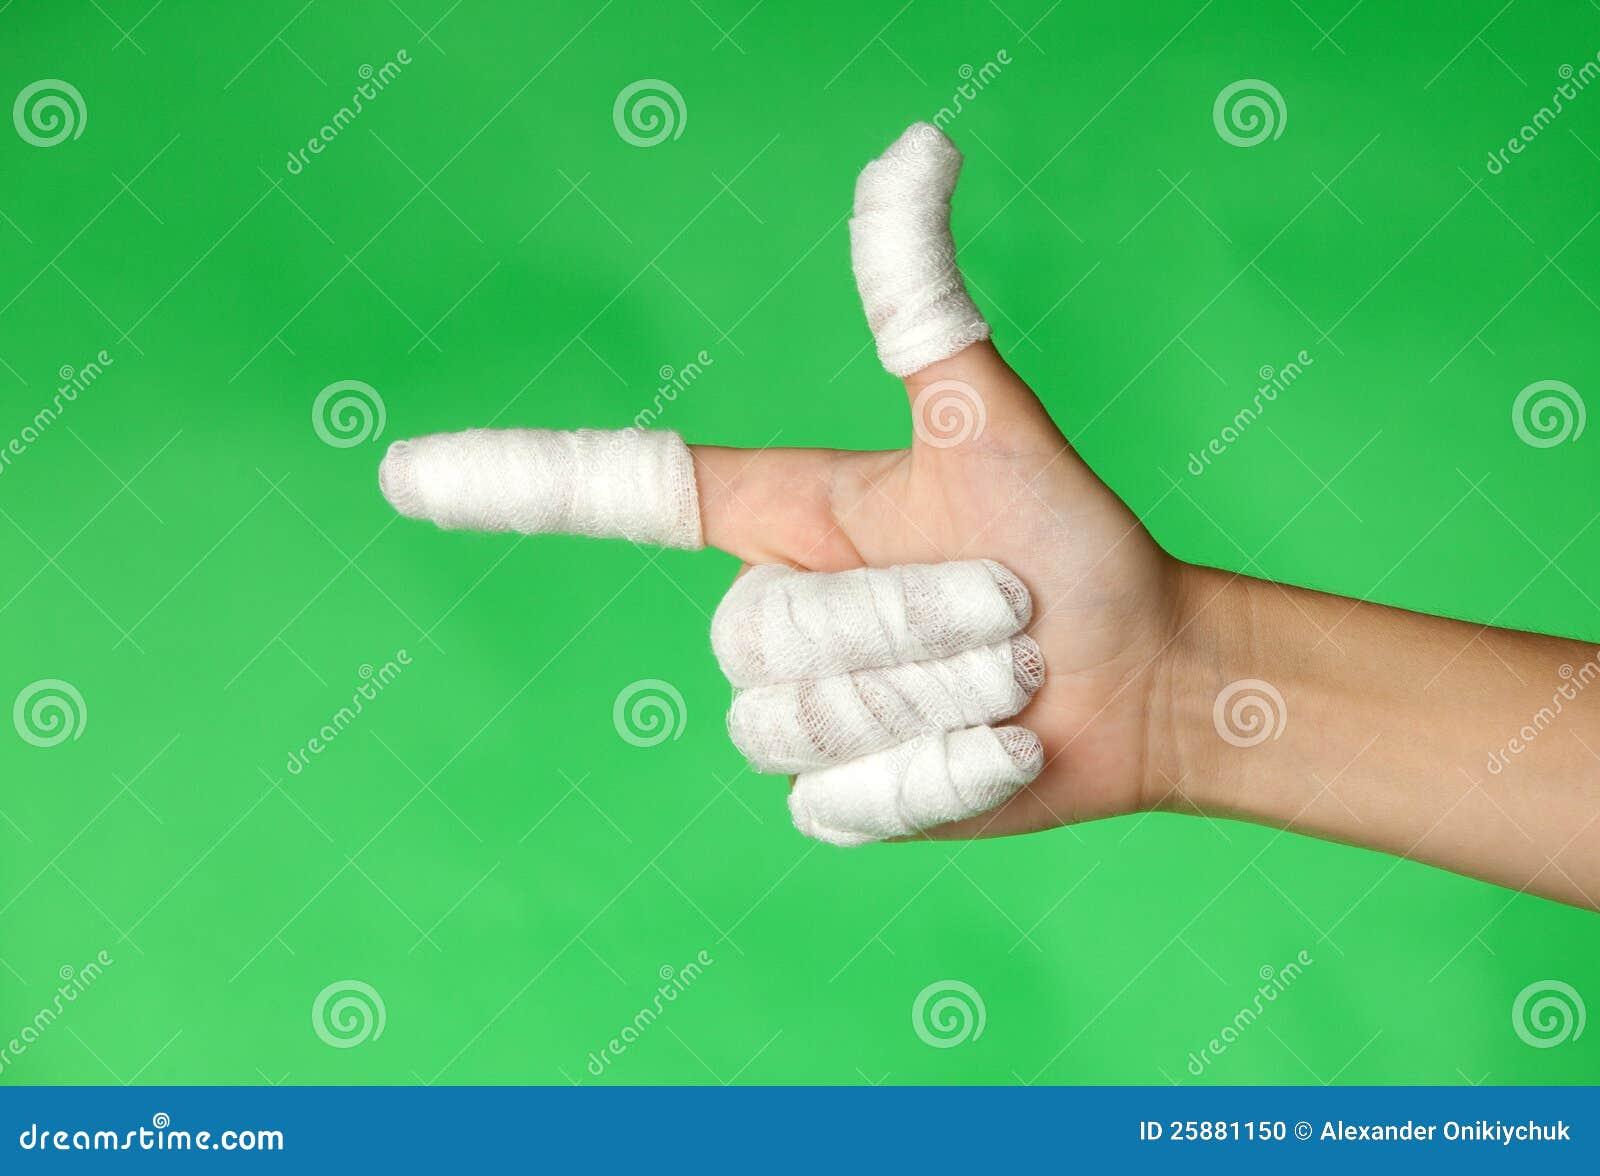 Dedos vendados foto de archivo. Imagen de primero, medicina - 25881150